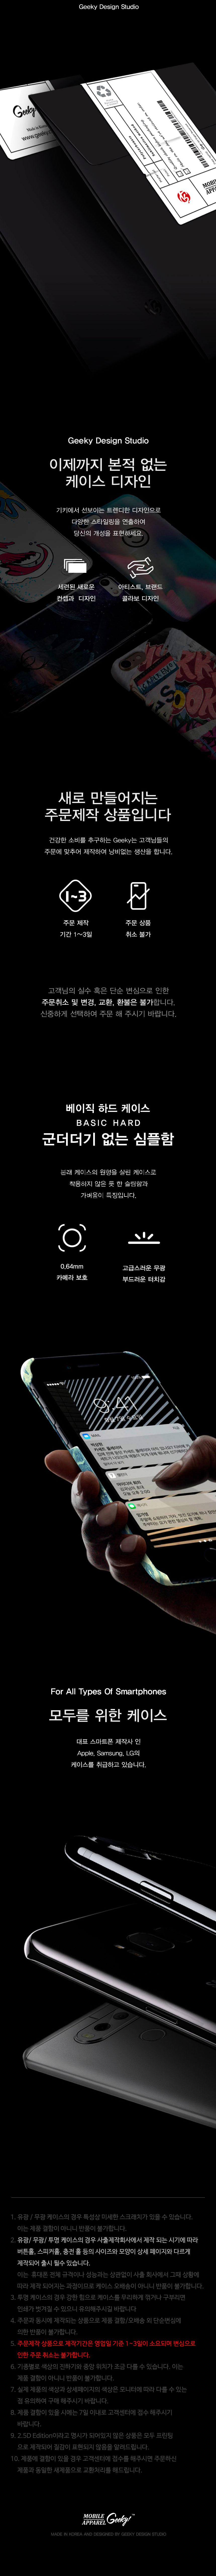 기키(GEEKY) phone case Texture No.12